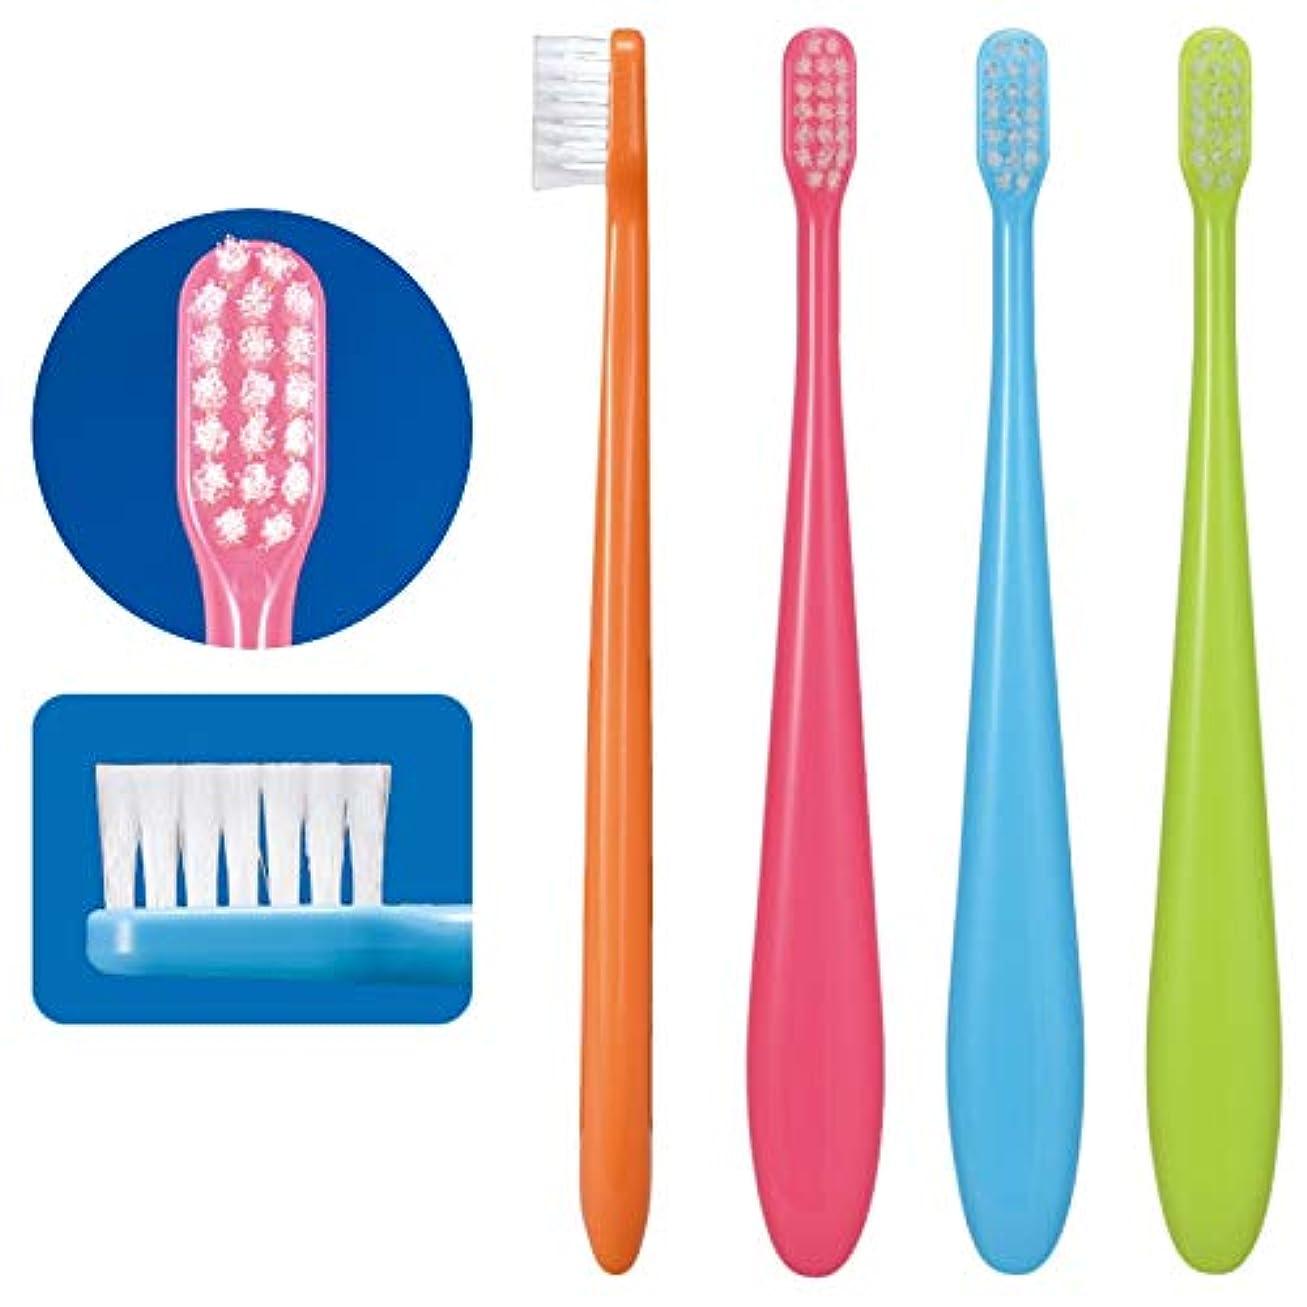 費やす織機歌うCi ミニ歯ブラシ ミディミルキー 20本 M(ふつう) 歯科専売品 日本製